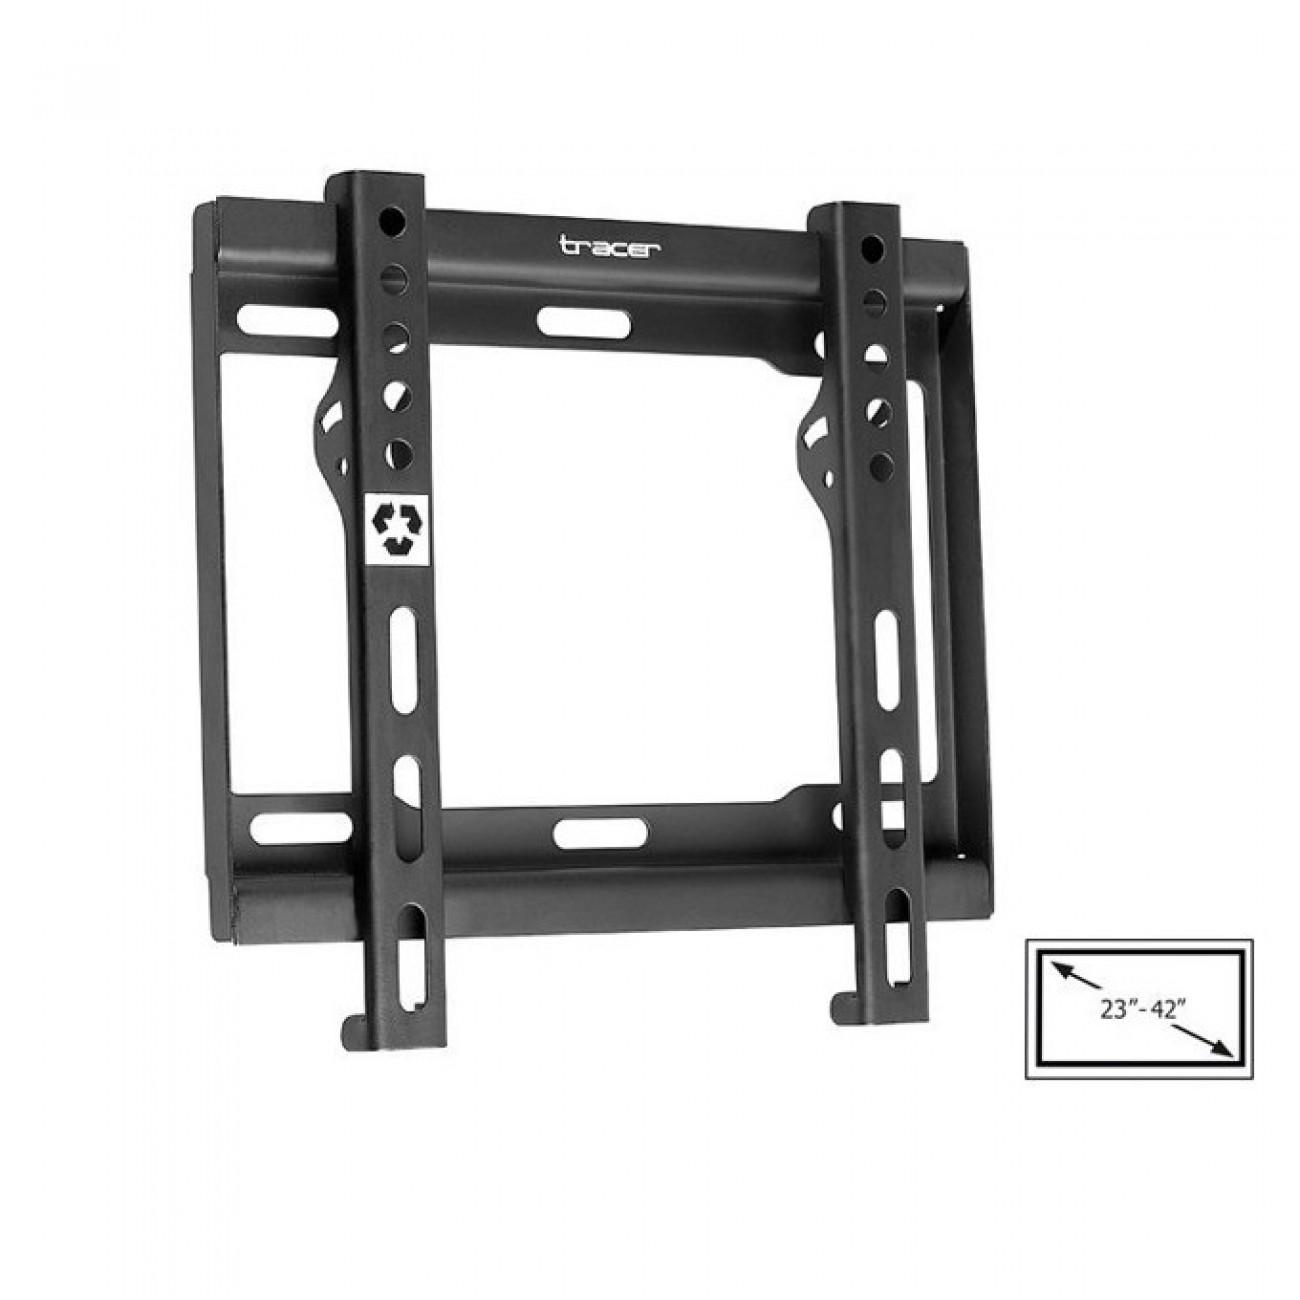 Стойка за TV Tracer Wall 888, за екрани от 23до 42 макс. тегло до 40 кг, черна в Стойки за TV, Монитори -  | Alleop